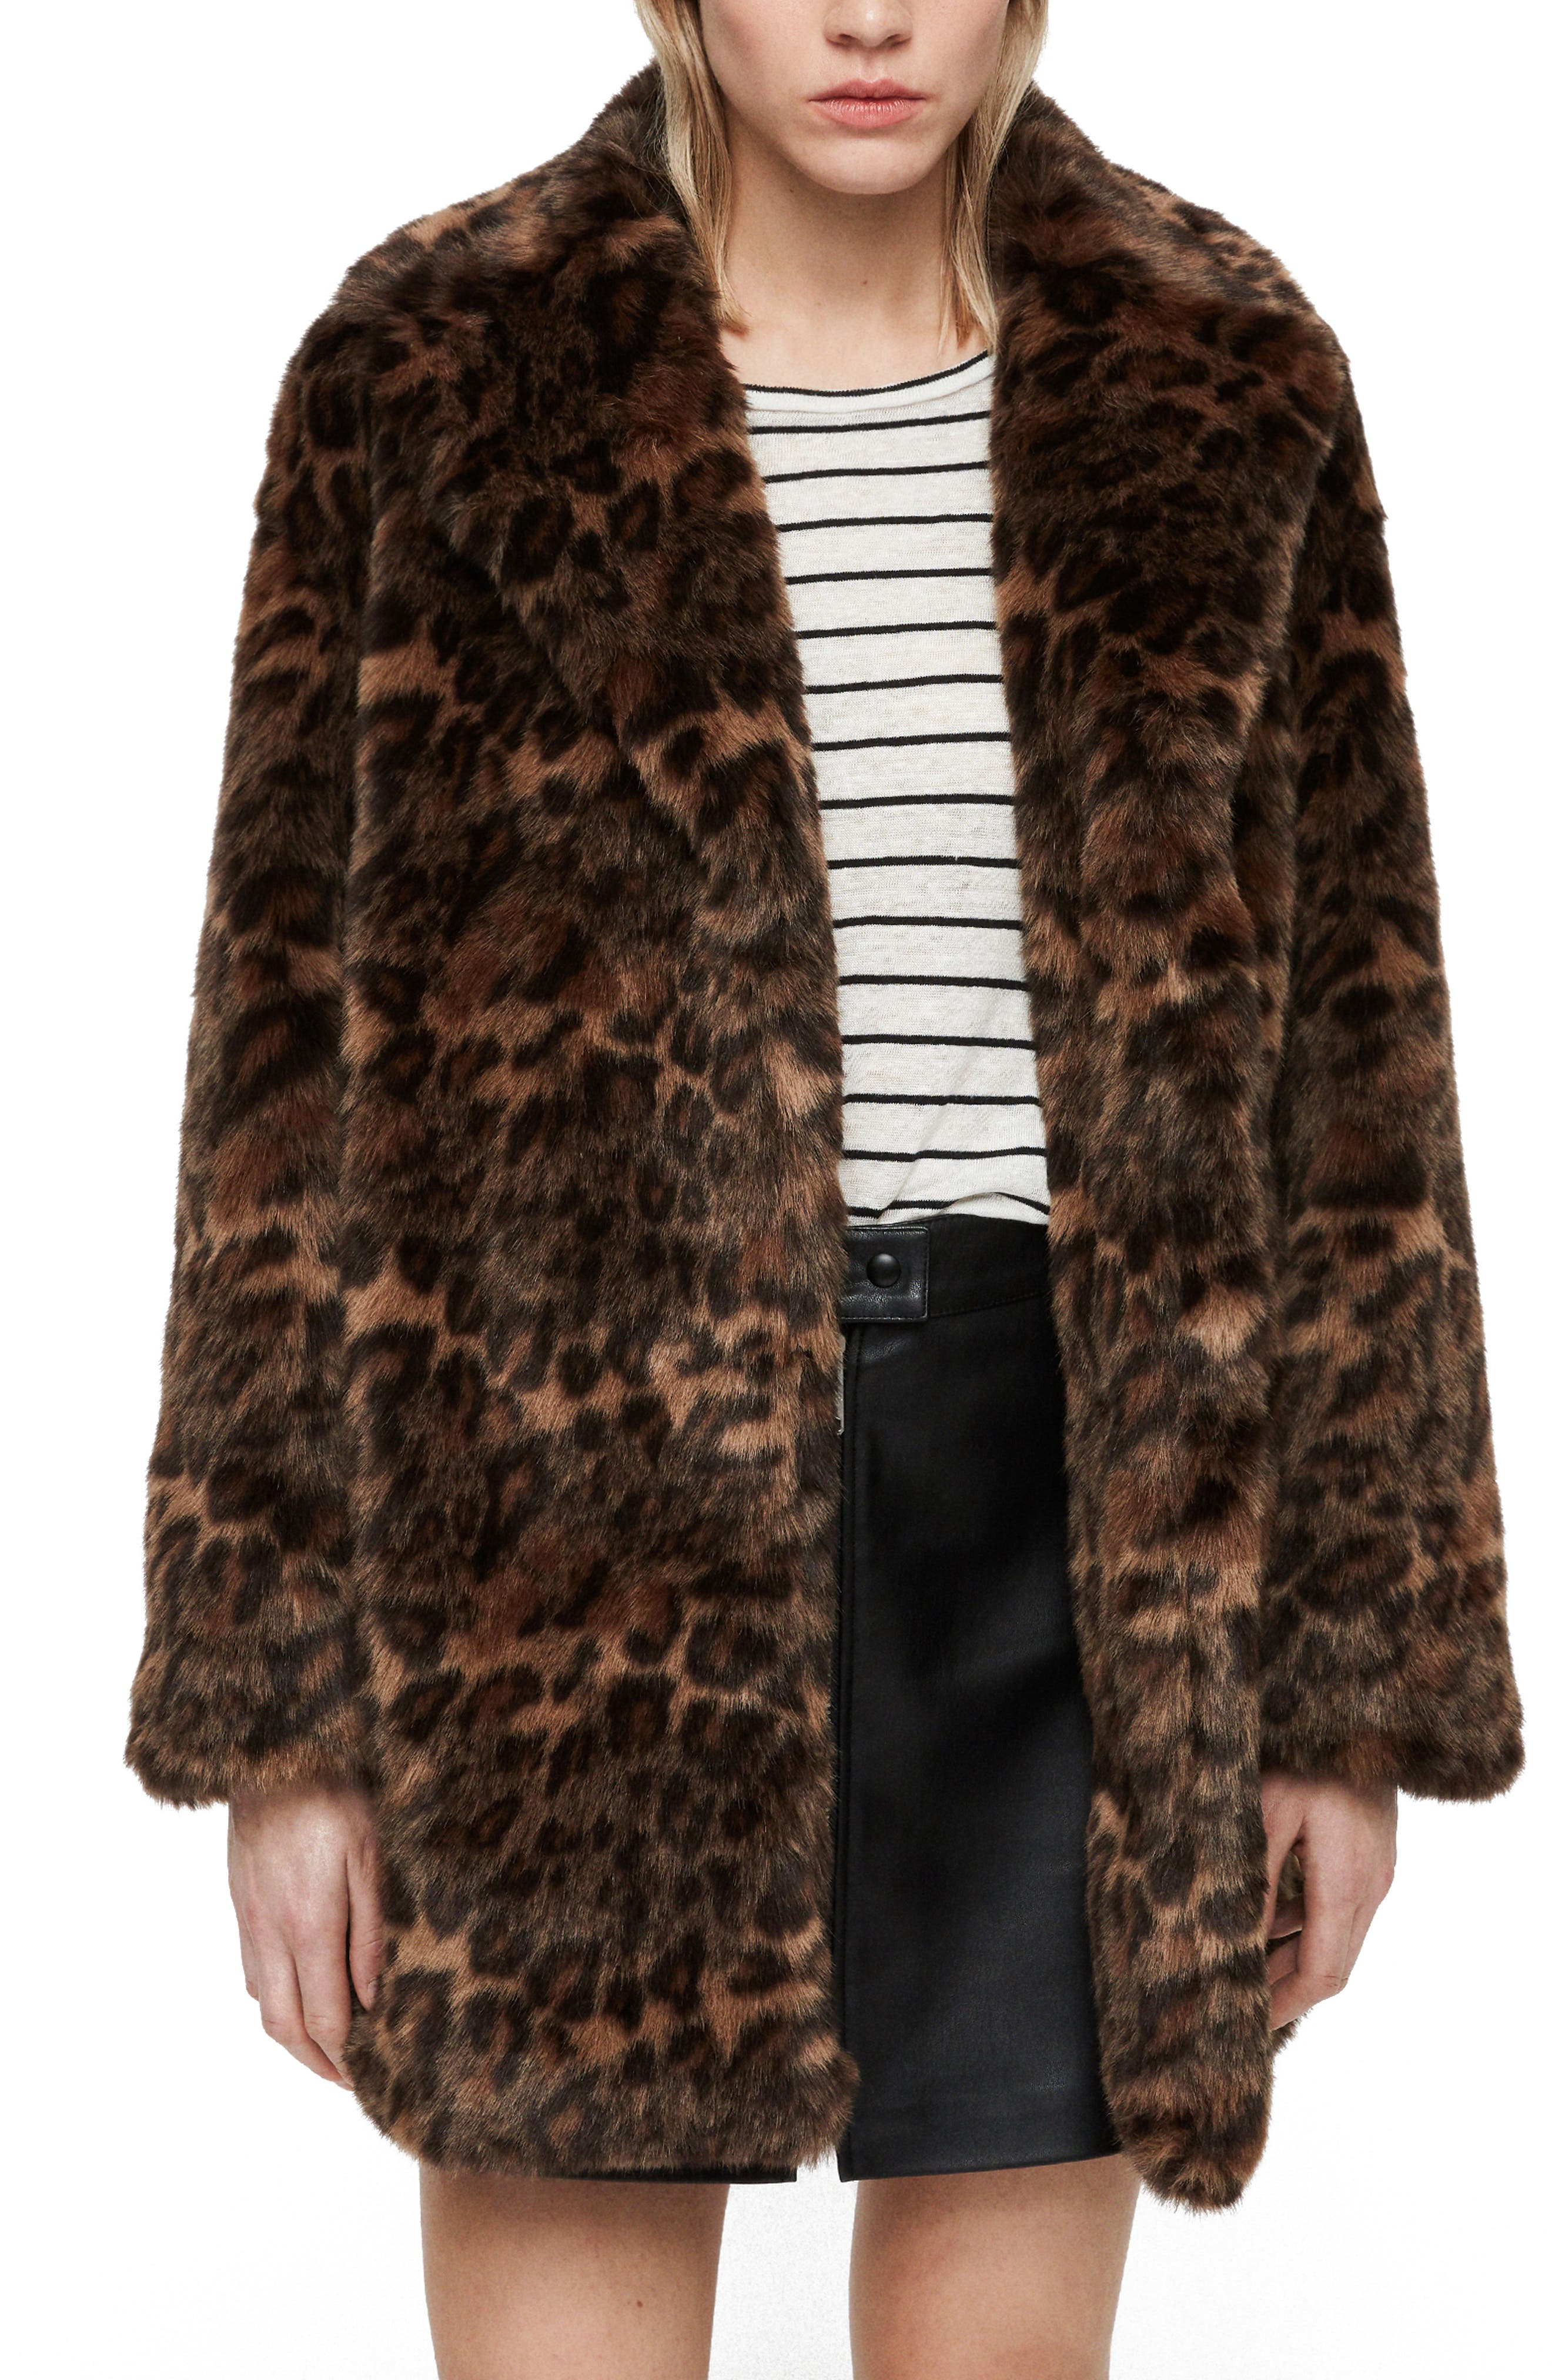 ALLSAINTS, Amice Leopard Spot Faux Fur Jacket, Main thumbnail 1, color, 200